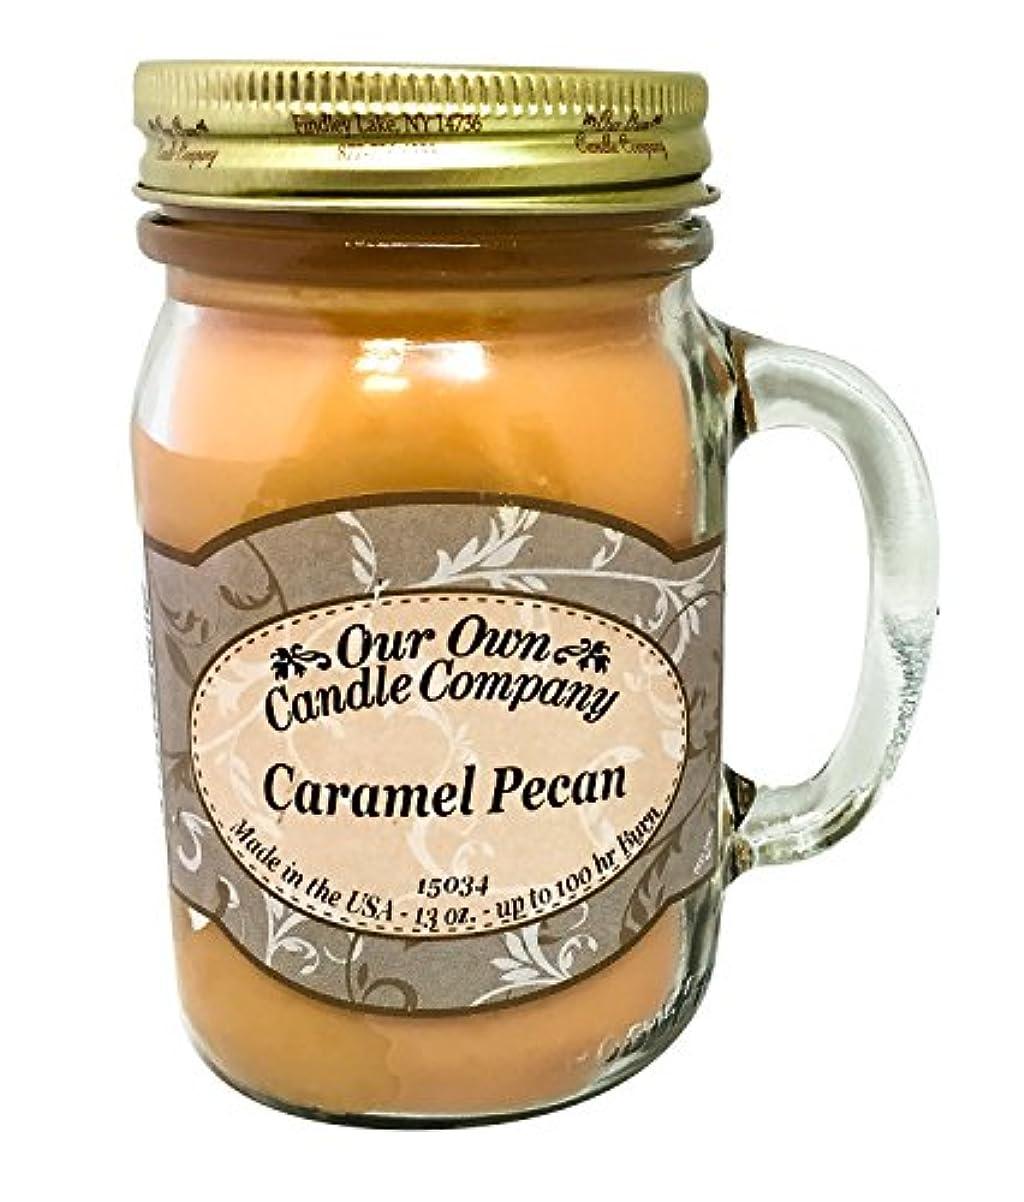 比較分析精緻化アロマキャンドル メイソンジャー キャラメルピーカン ビッグ Our Own Candle Company Caramel Pecan big